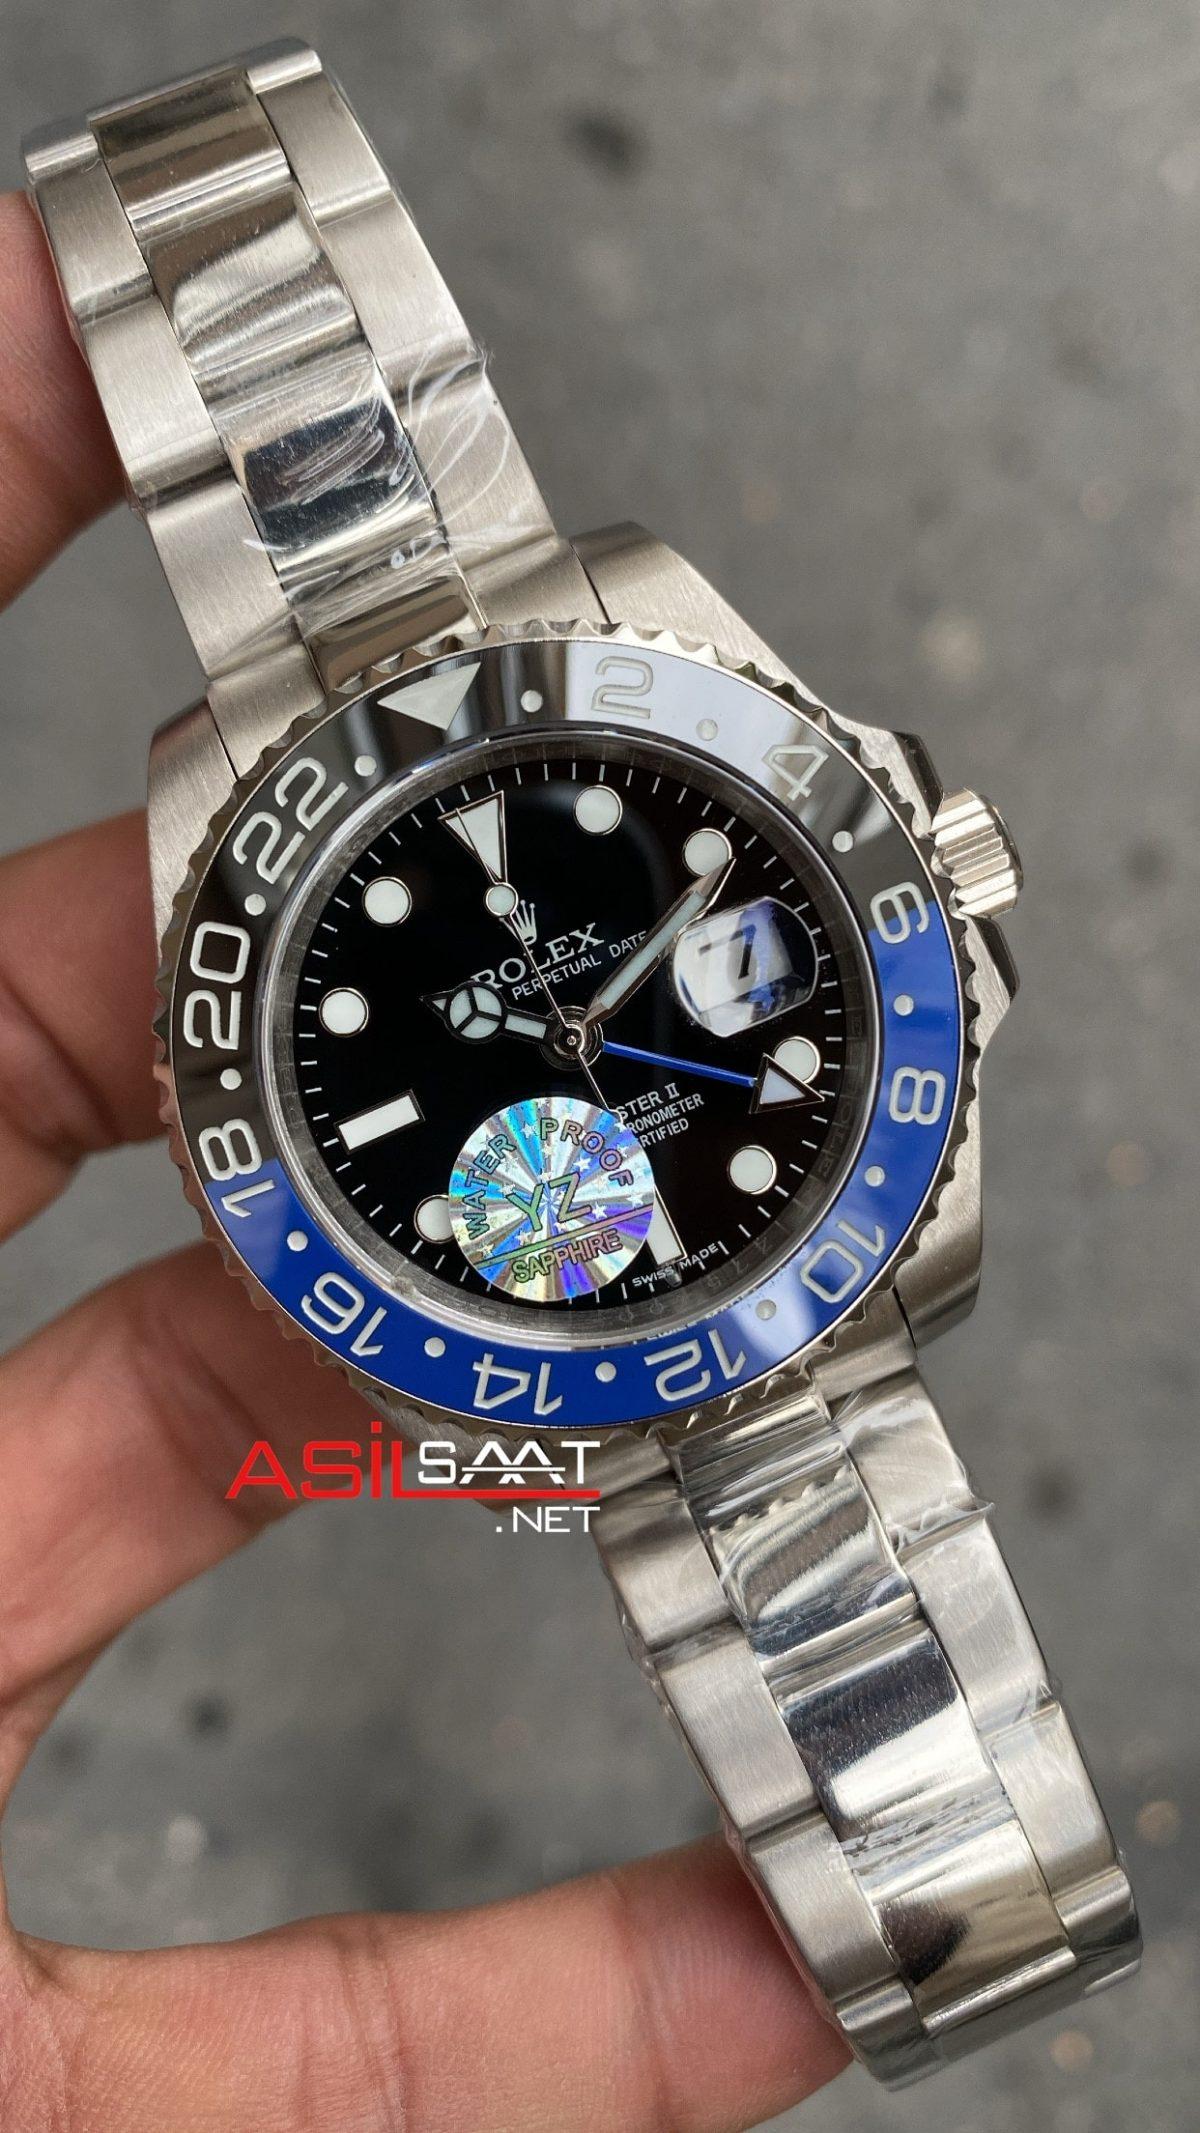 Rolex Gmt Master II Batman 126710 BLNR ROLG008